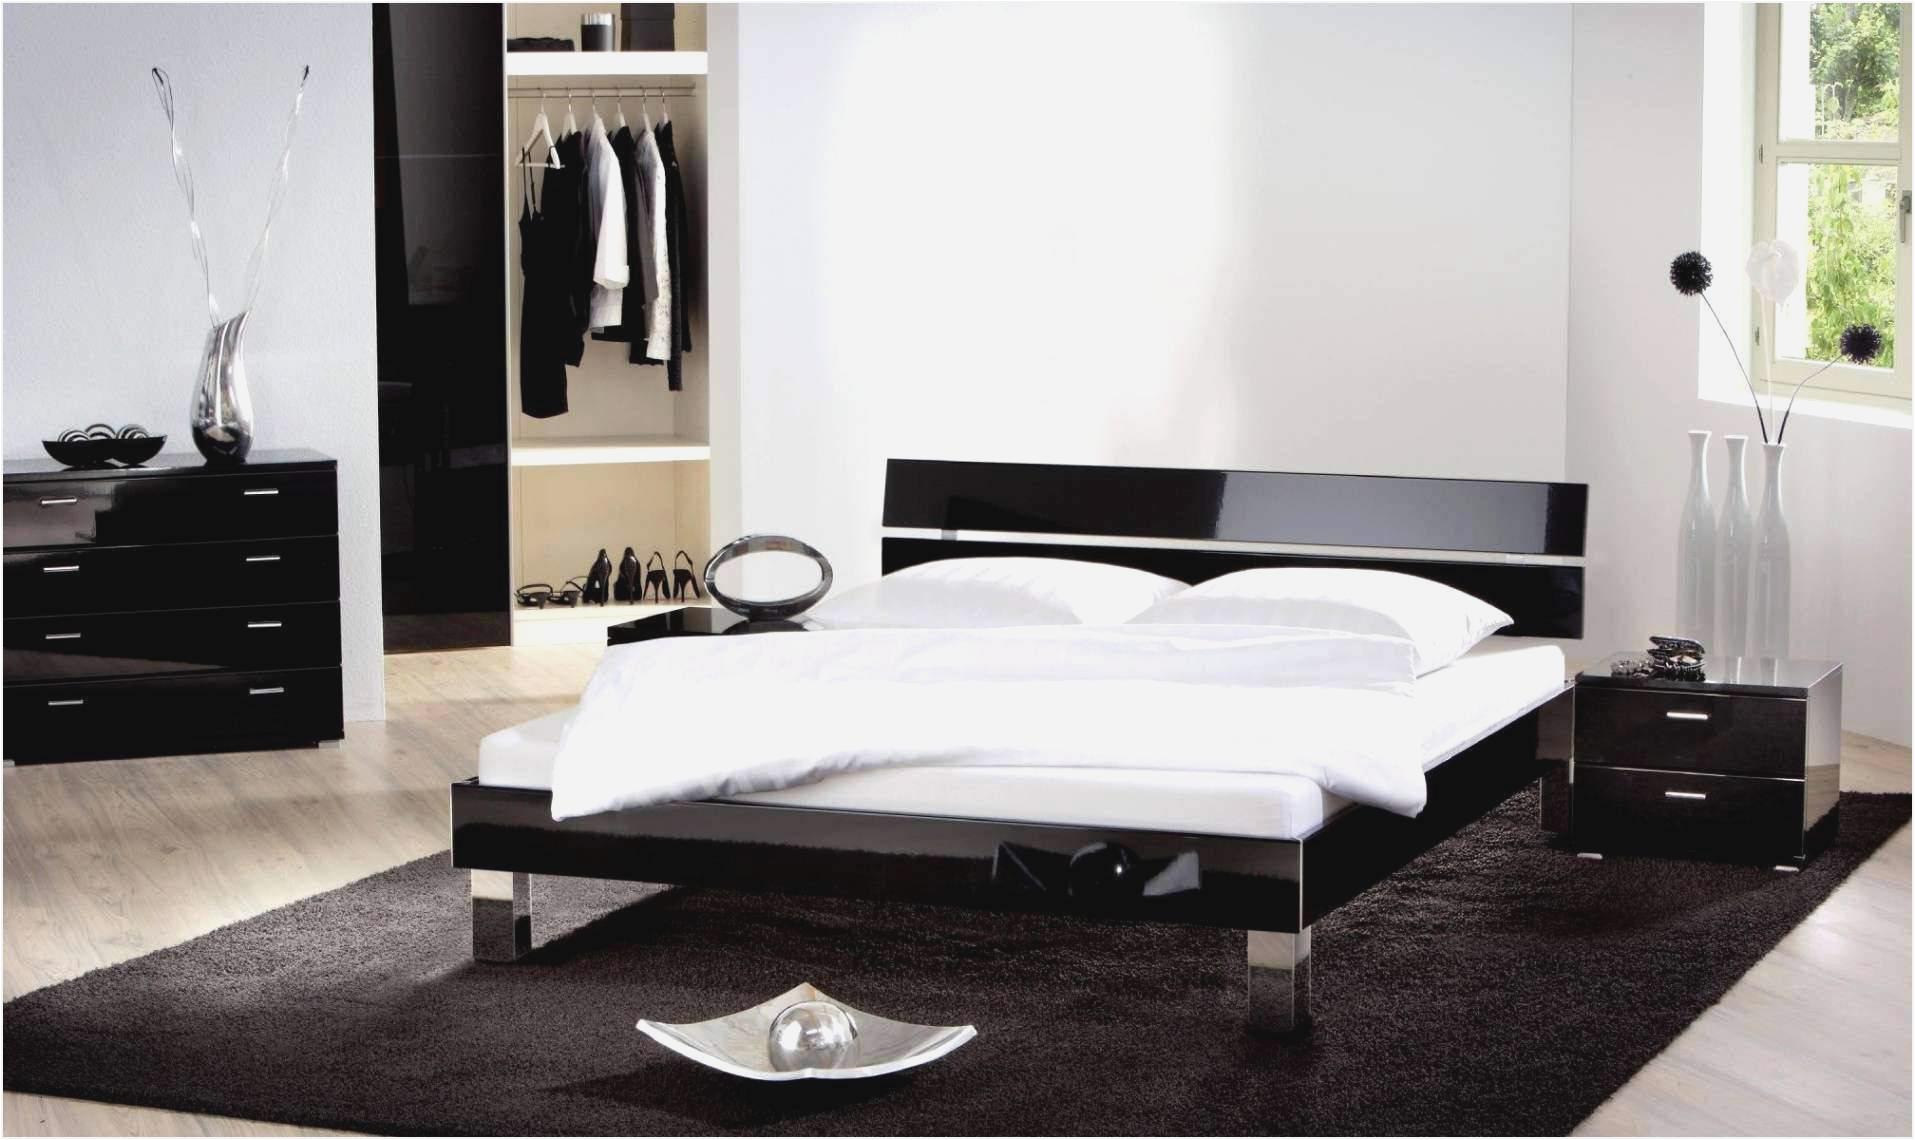 deko ideen schlafzimmer of deko ideen schlafzimmer